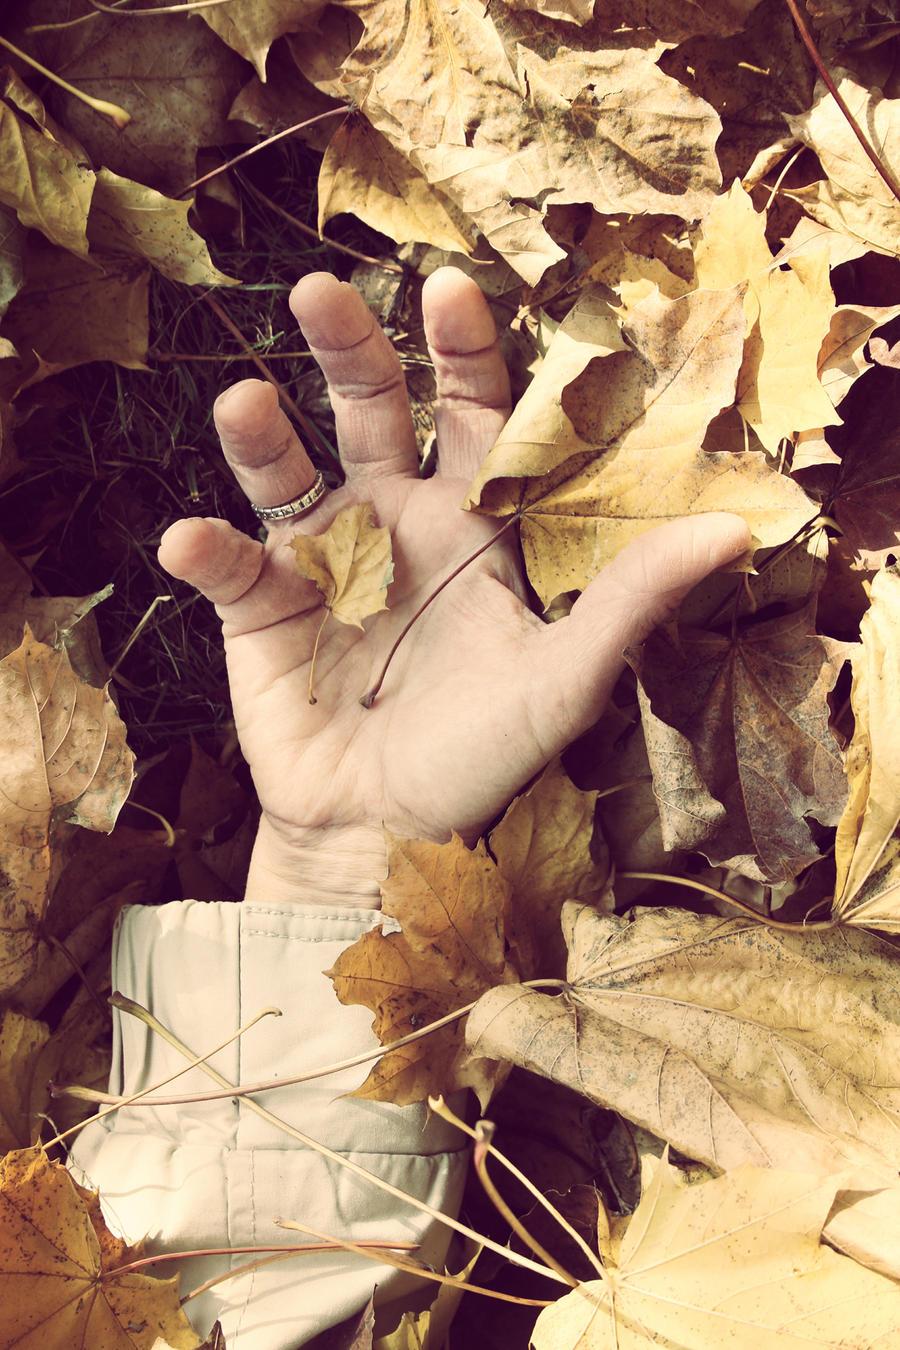 Under the golden leaves by Martigot